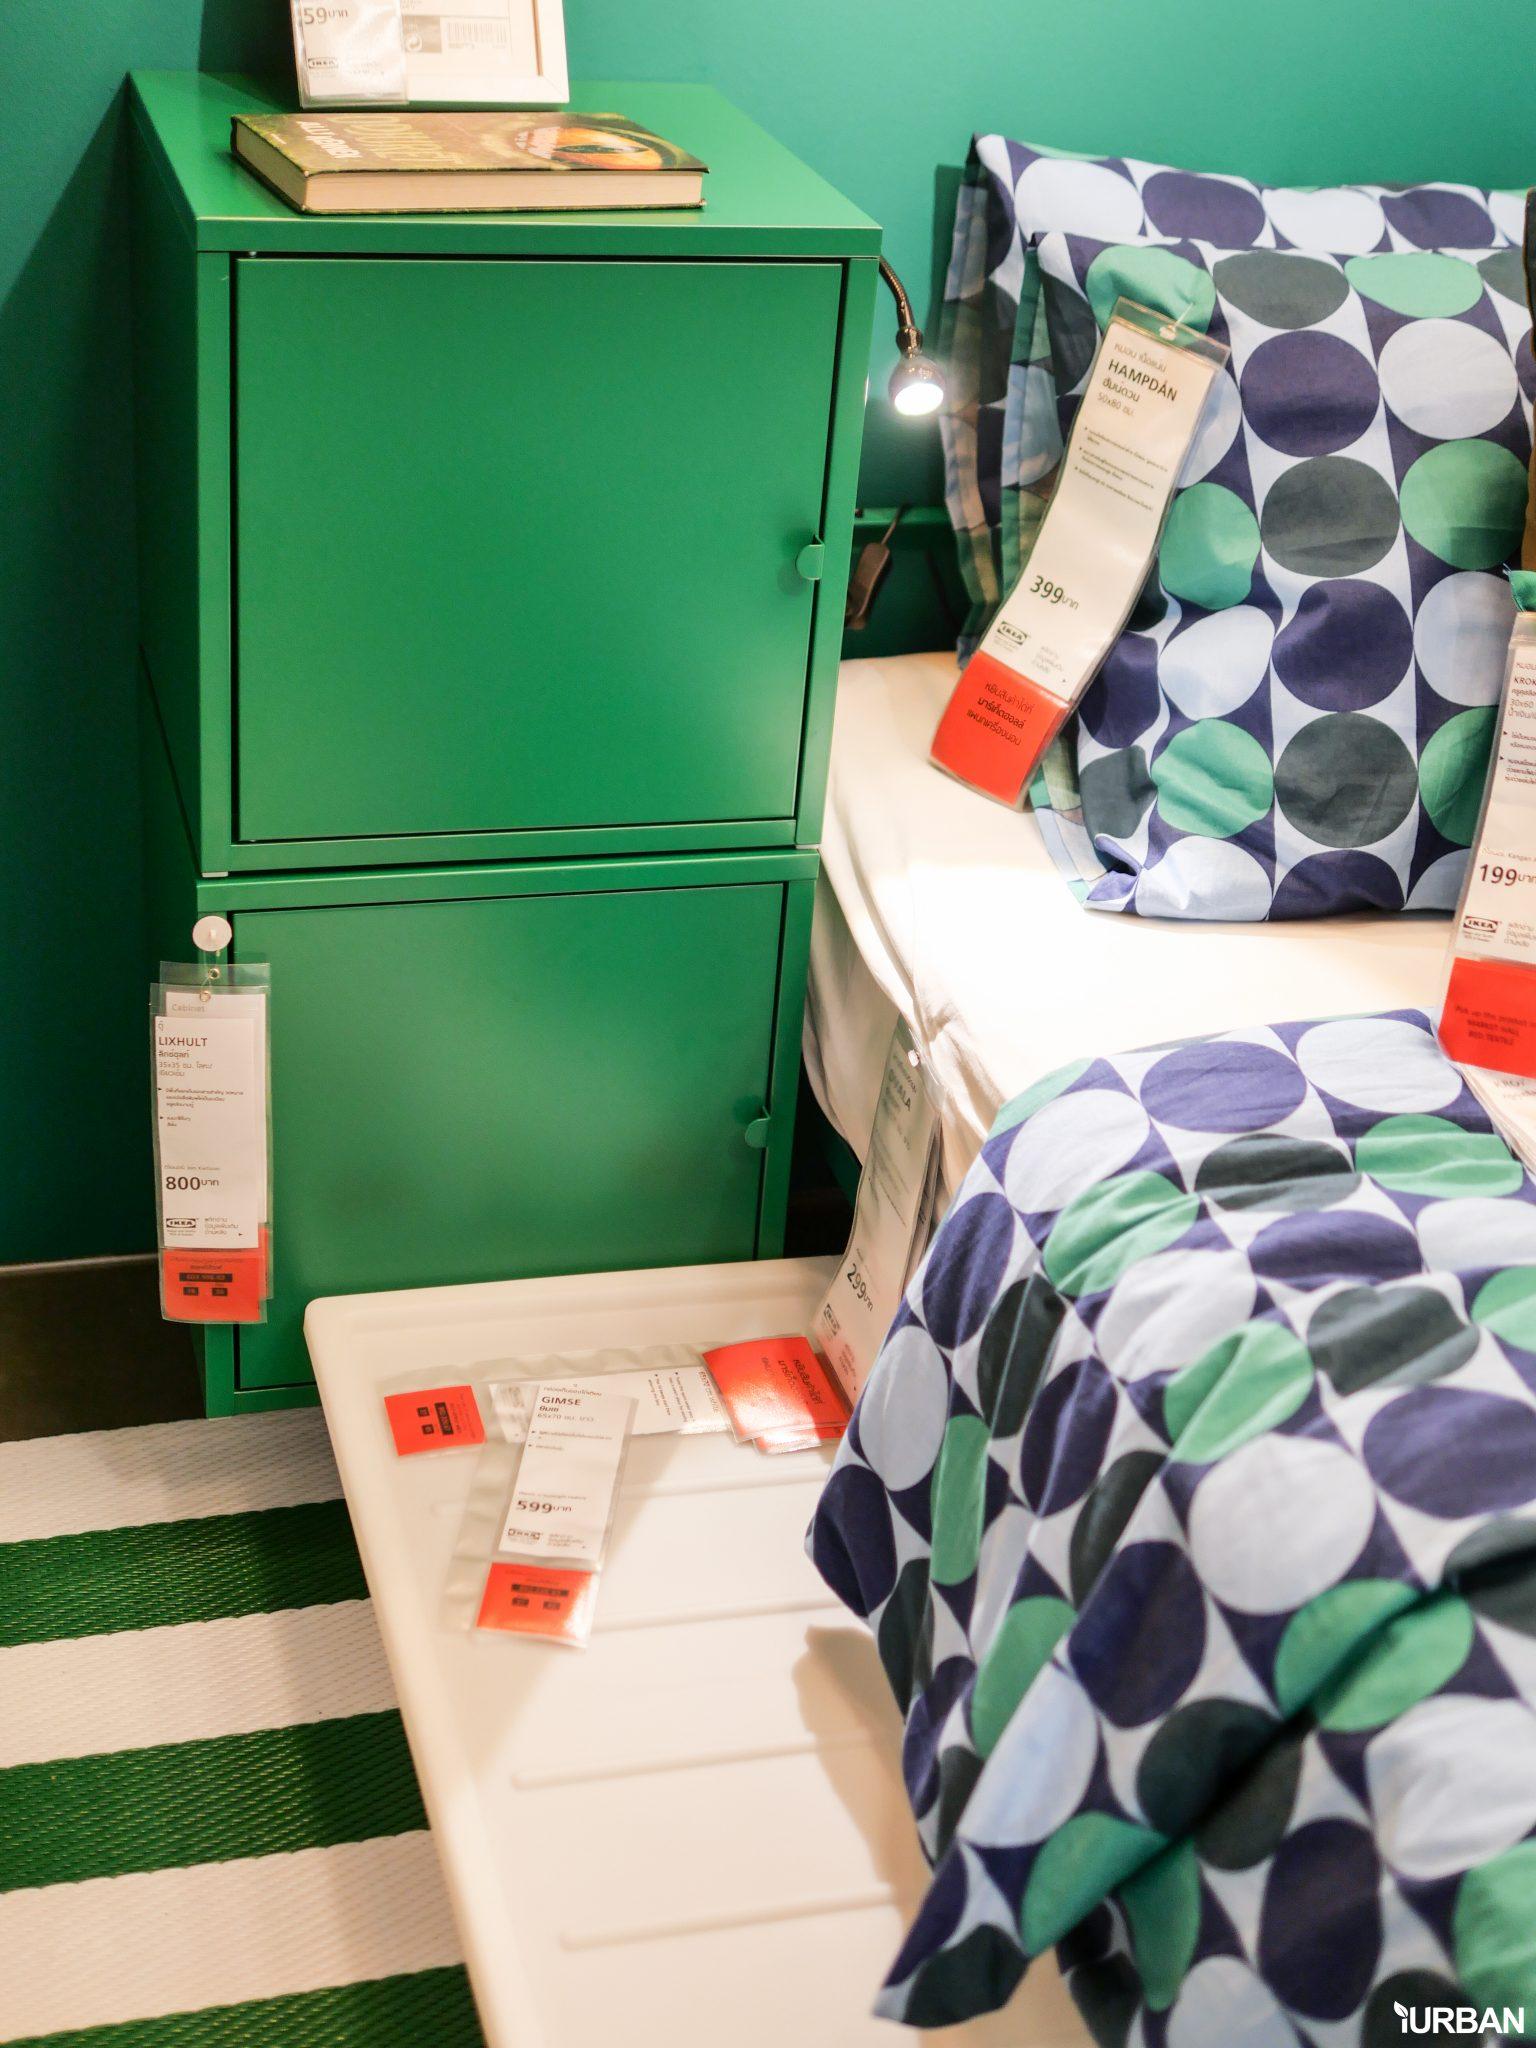 """9 วิธีจัดห้องเก่าให้เหมือนใหม่ ลอกวิธีจัดห้องในพื้นที่เล็ก """"Small Space"""" แบบ IKEA 121 - Bedroom"""